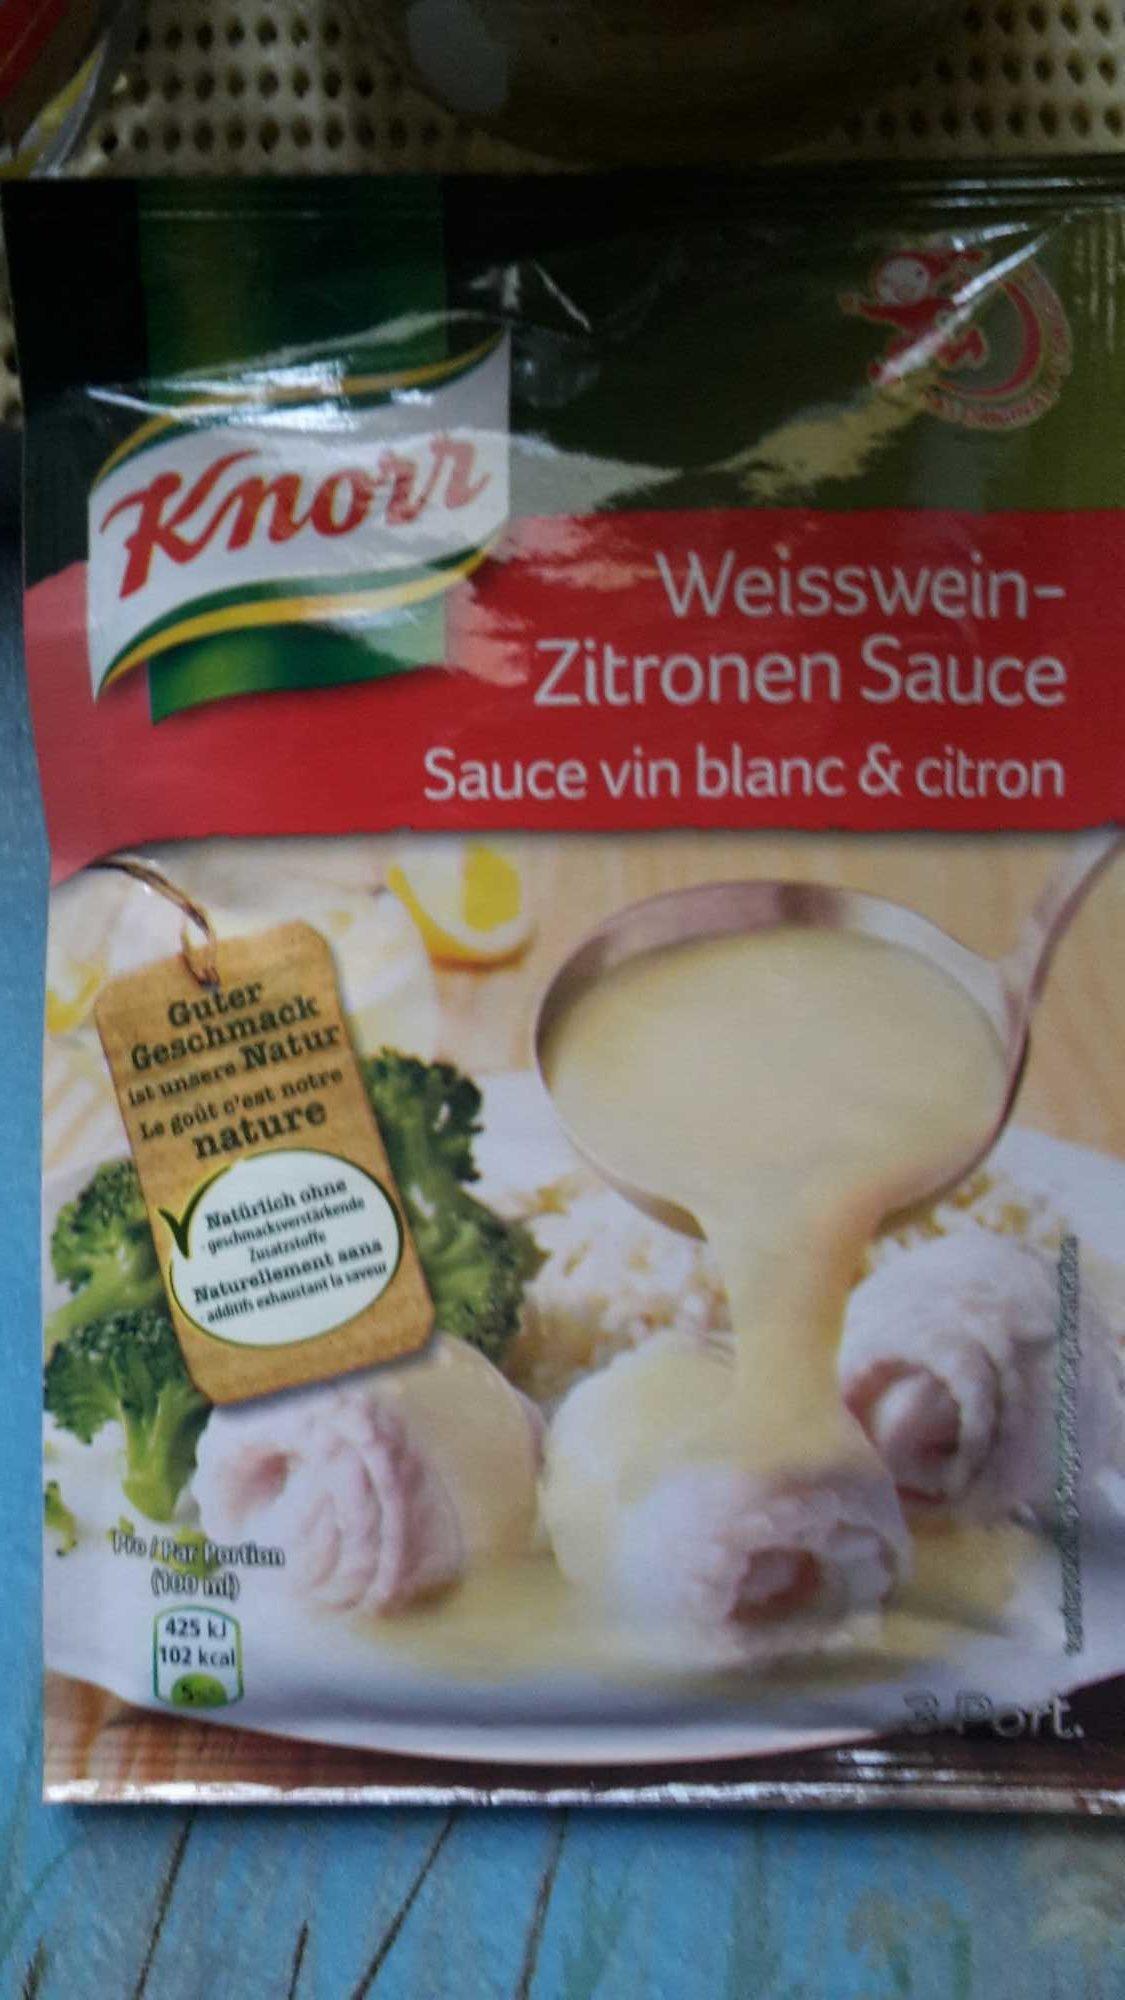 Fertigsauce, Weisswein Zitrone - Product